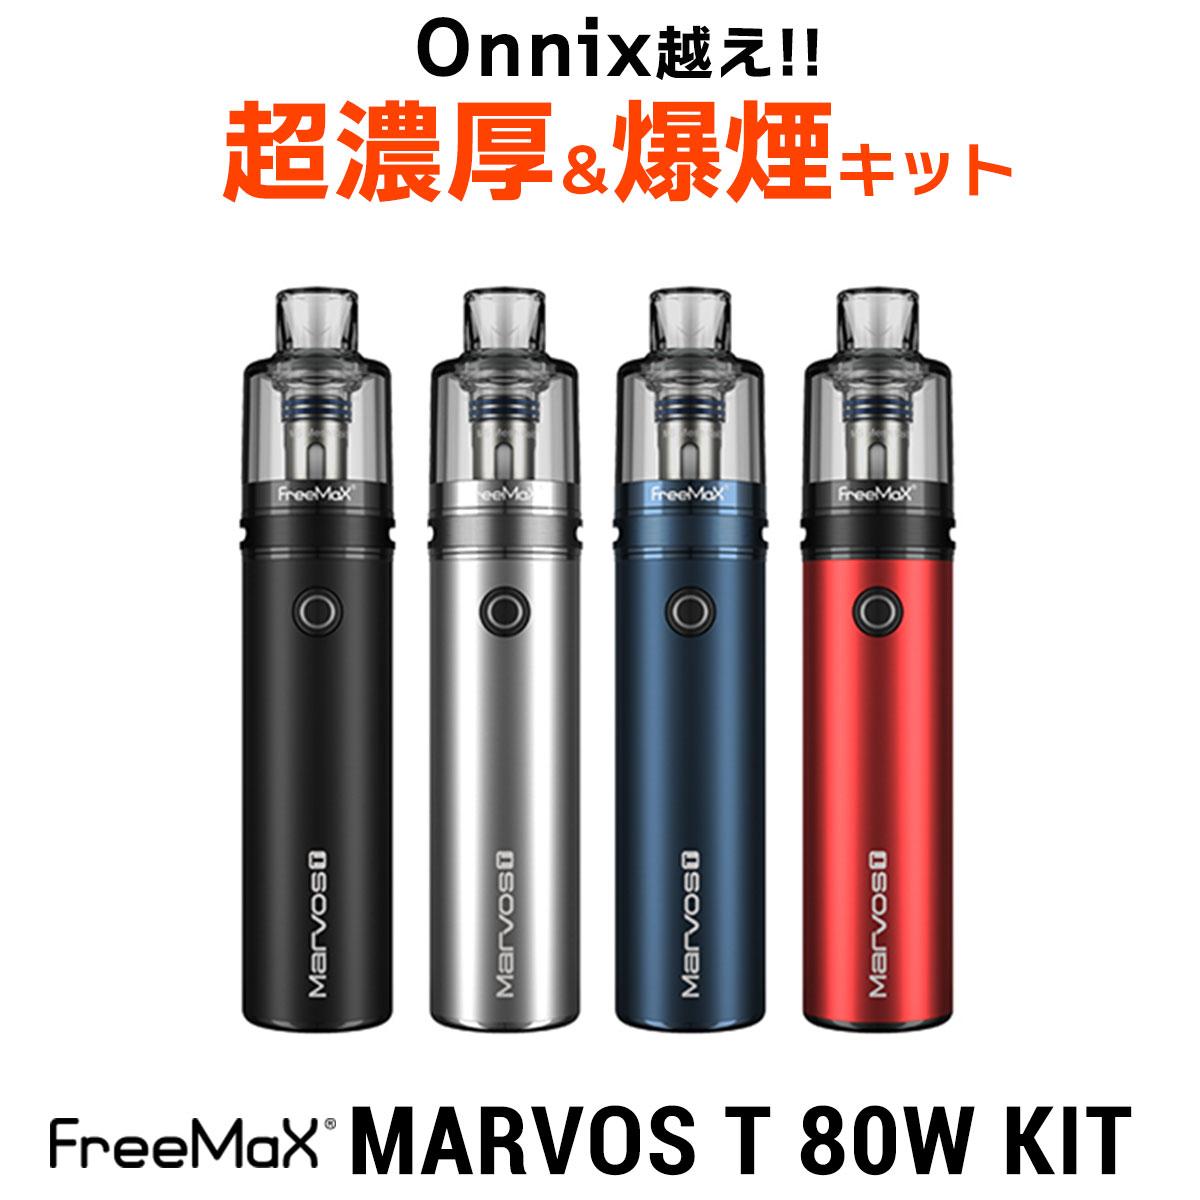 Onnixから更に進化した爆煙KIT 正規品 電子タバコ vape Freemax Marvos T フリーマックス マーボス Onnix越えの爆煙キット 100%品質保証 べイプ オンライン限定商品 pod型 KIT マーボスT 80W 味重視 禁煙 ニコチン0 pod